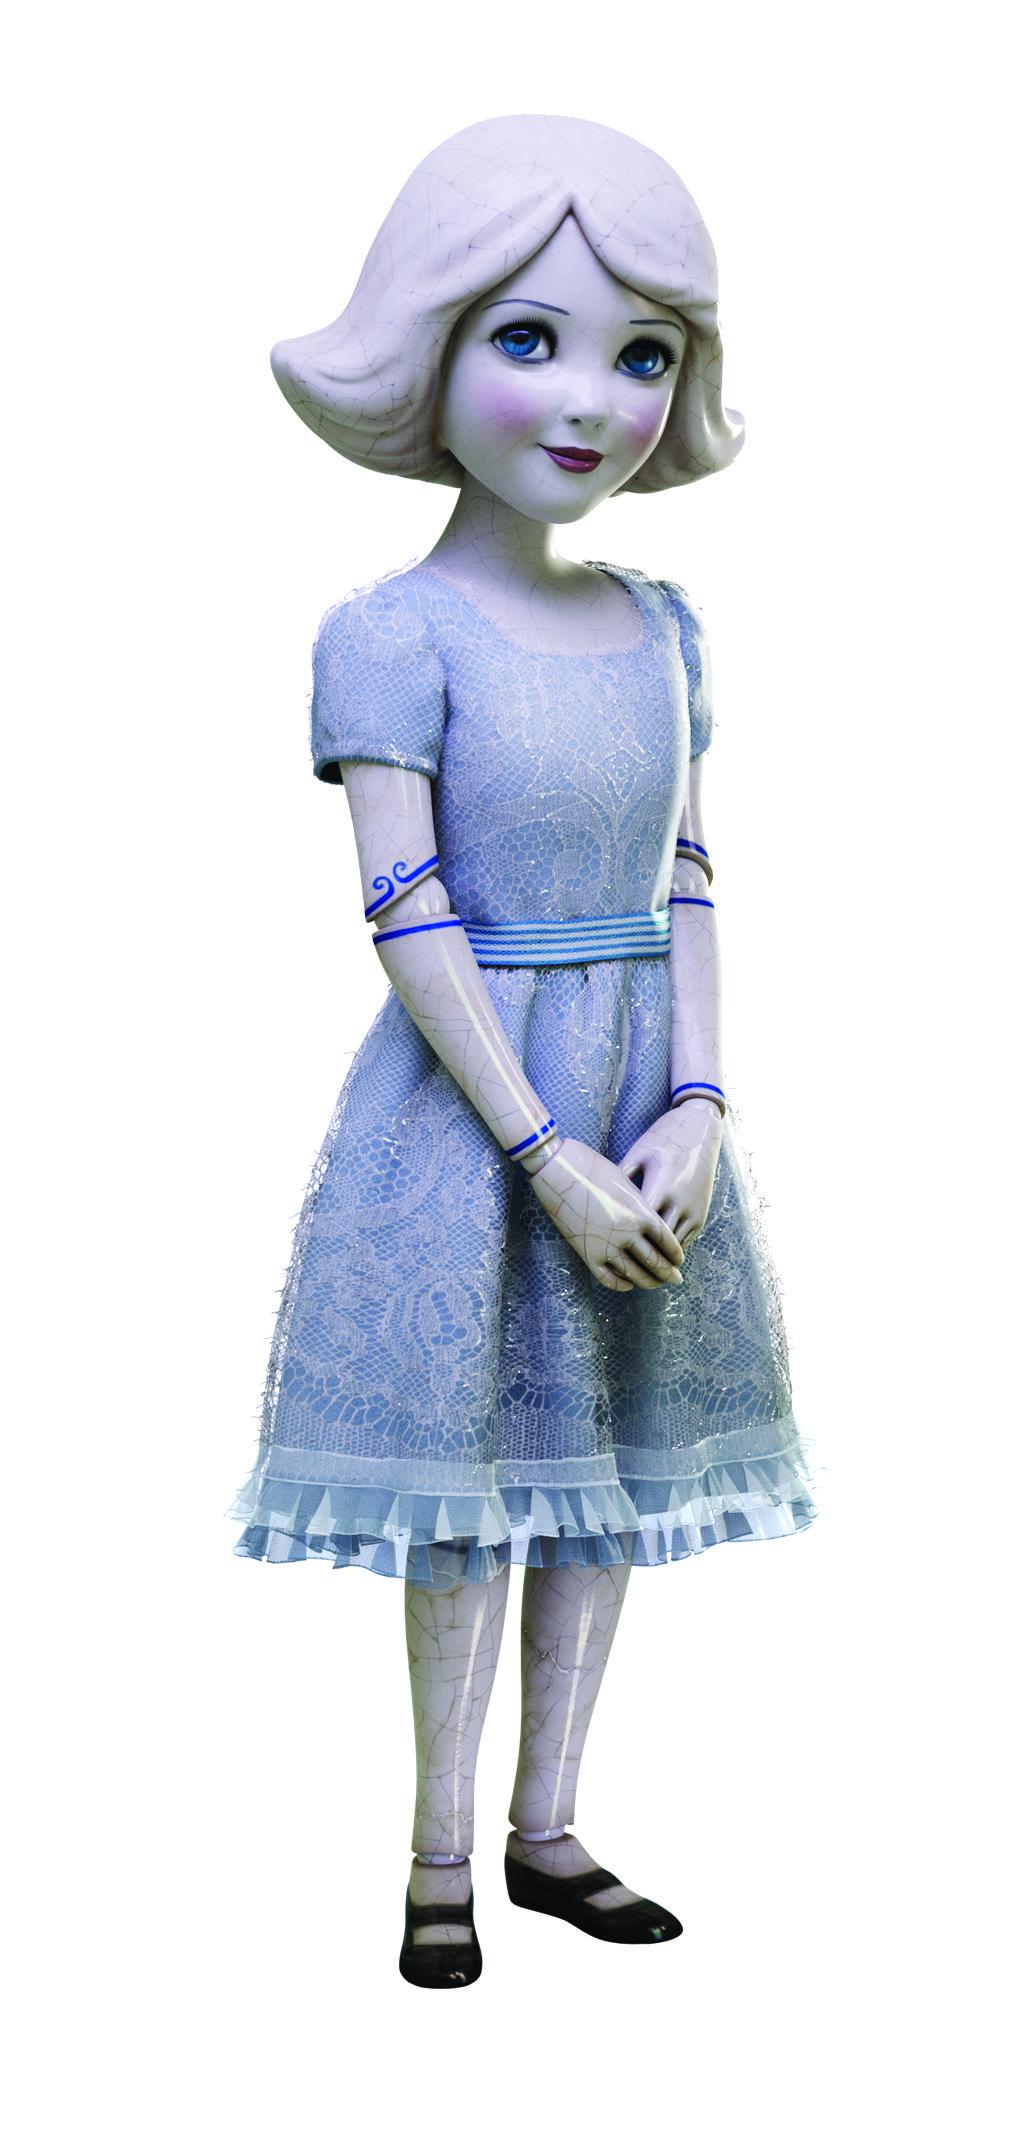 CHINA GIRL / China Girl stammt aus dem Dorf China Town, in dem alles, selbst die Einwohner, aus chinesischem Porzellan ist. Als die Zerstörung über ihr Land kommt, bilden das mutige, unverwüstliche Mädchen und Oz eine ungewöhnliche Allianz.   Die fantastische Welt von OZ I Disney 2013